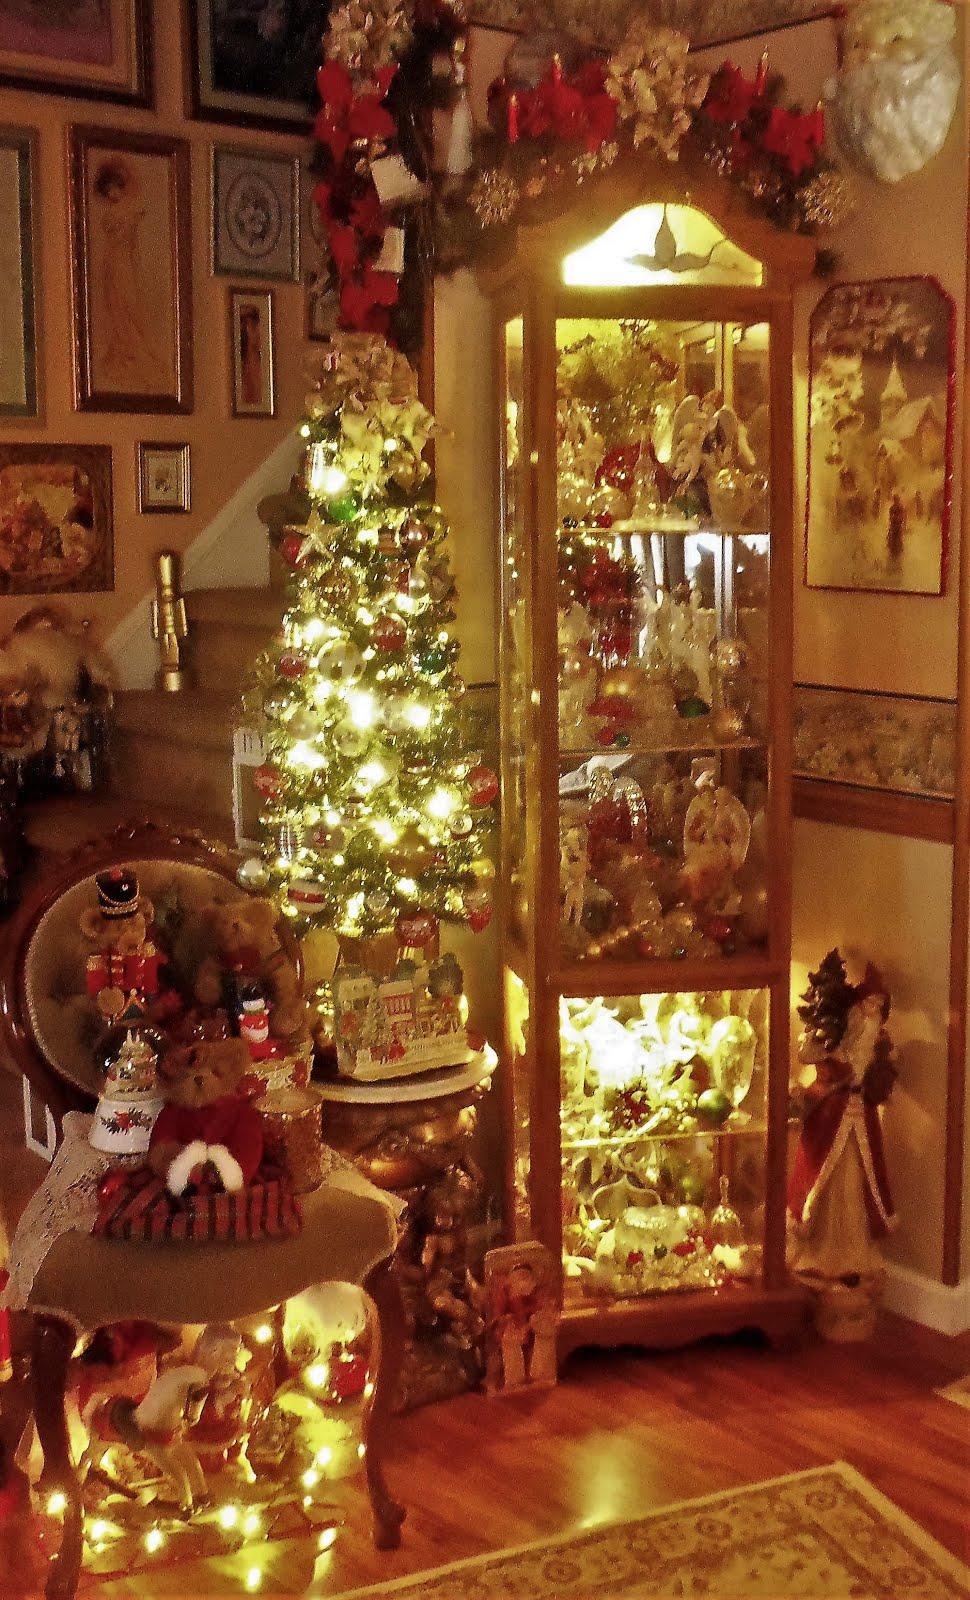 A Christmas Evening Tour of our Home, Christmas Home Tour, 2017